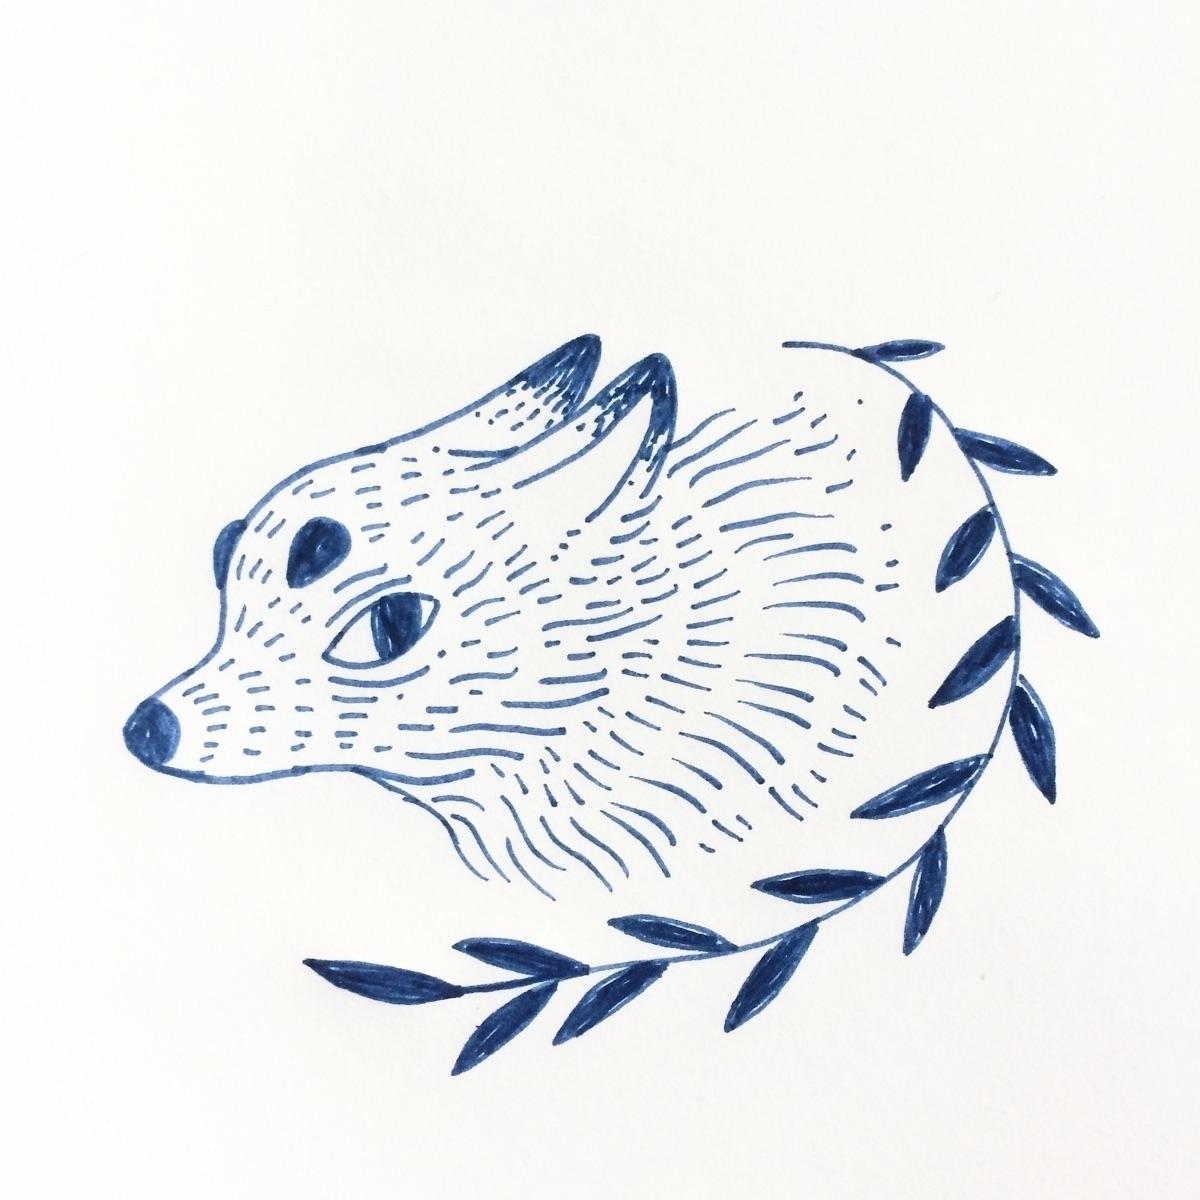 Flash tattoo draw - wolf, ink, flash - skeenep | ello